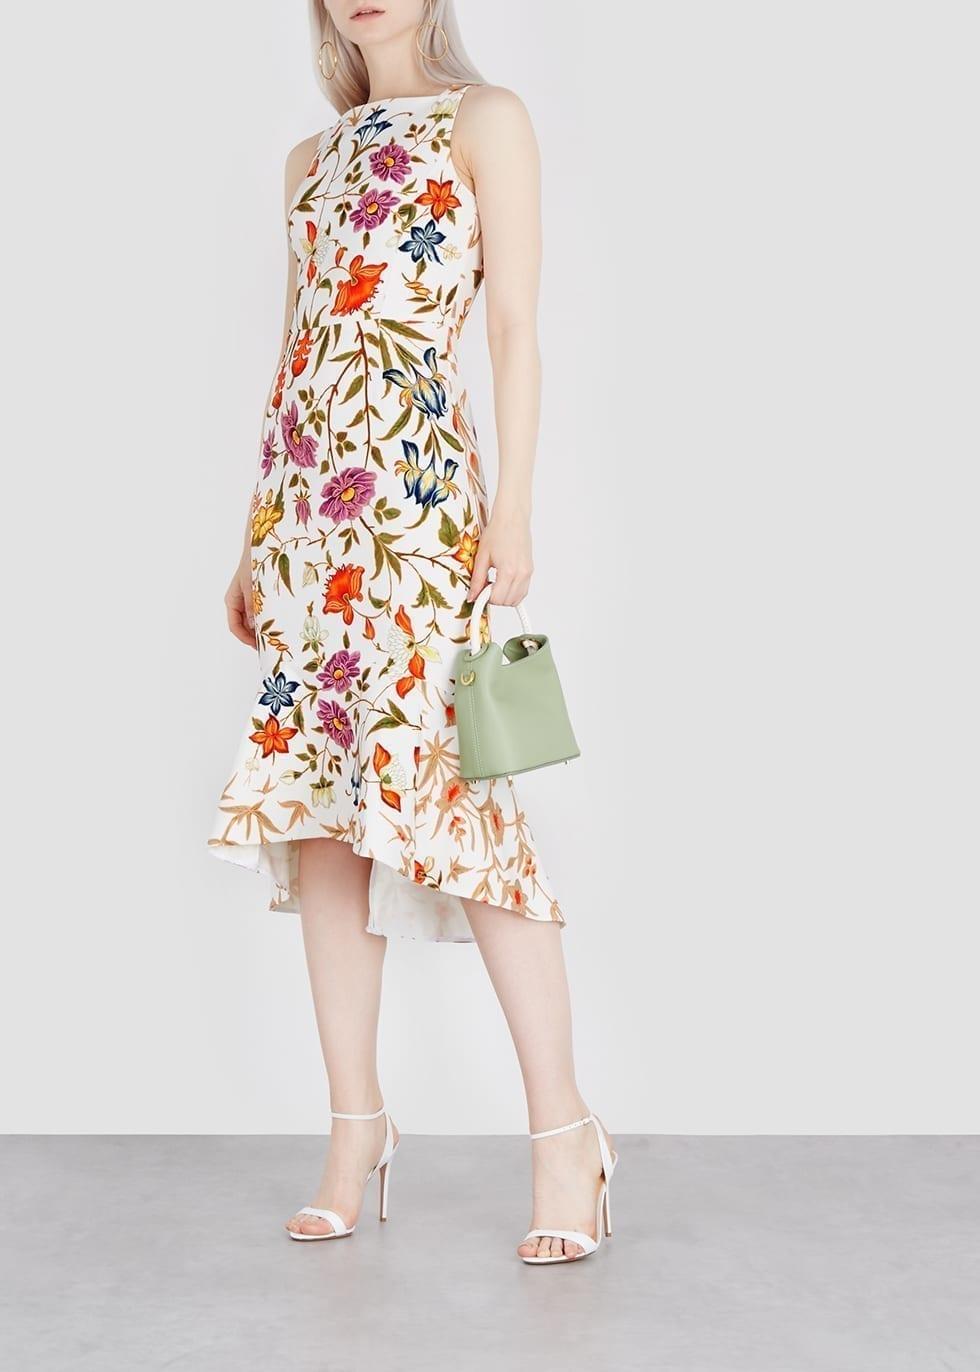 PETER PILOTTO Kia White / Floral Printed Dress